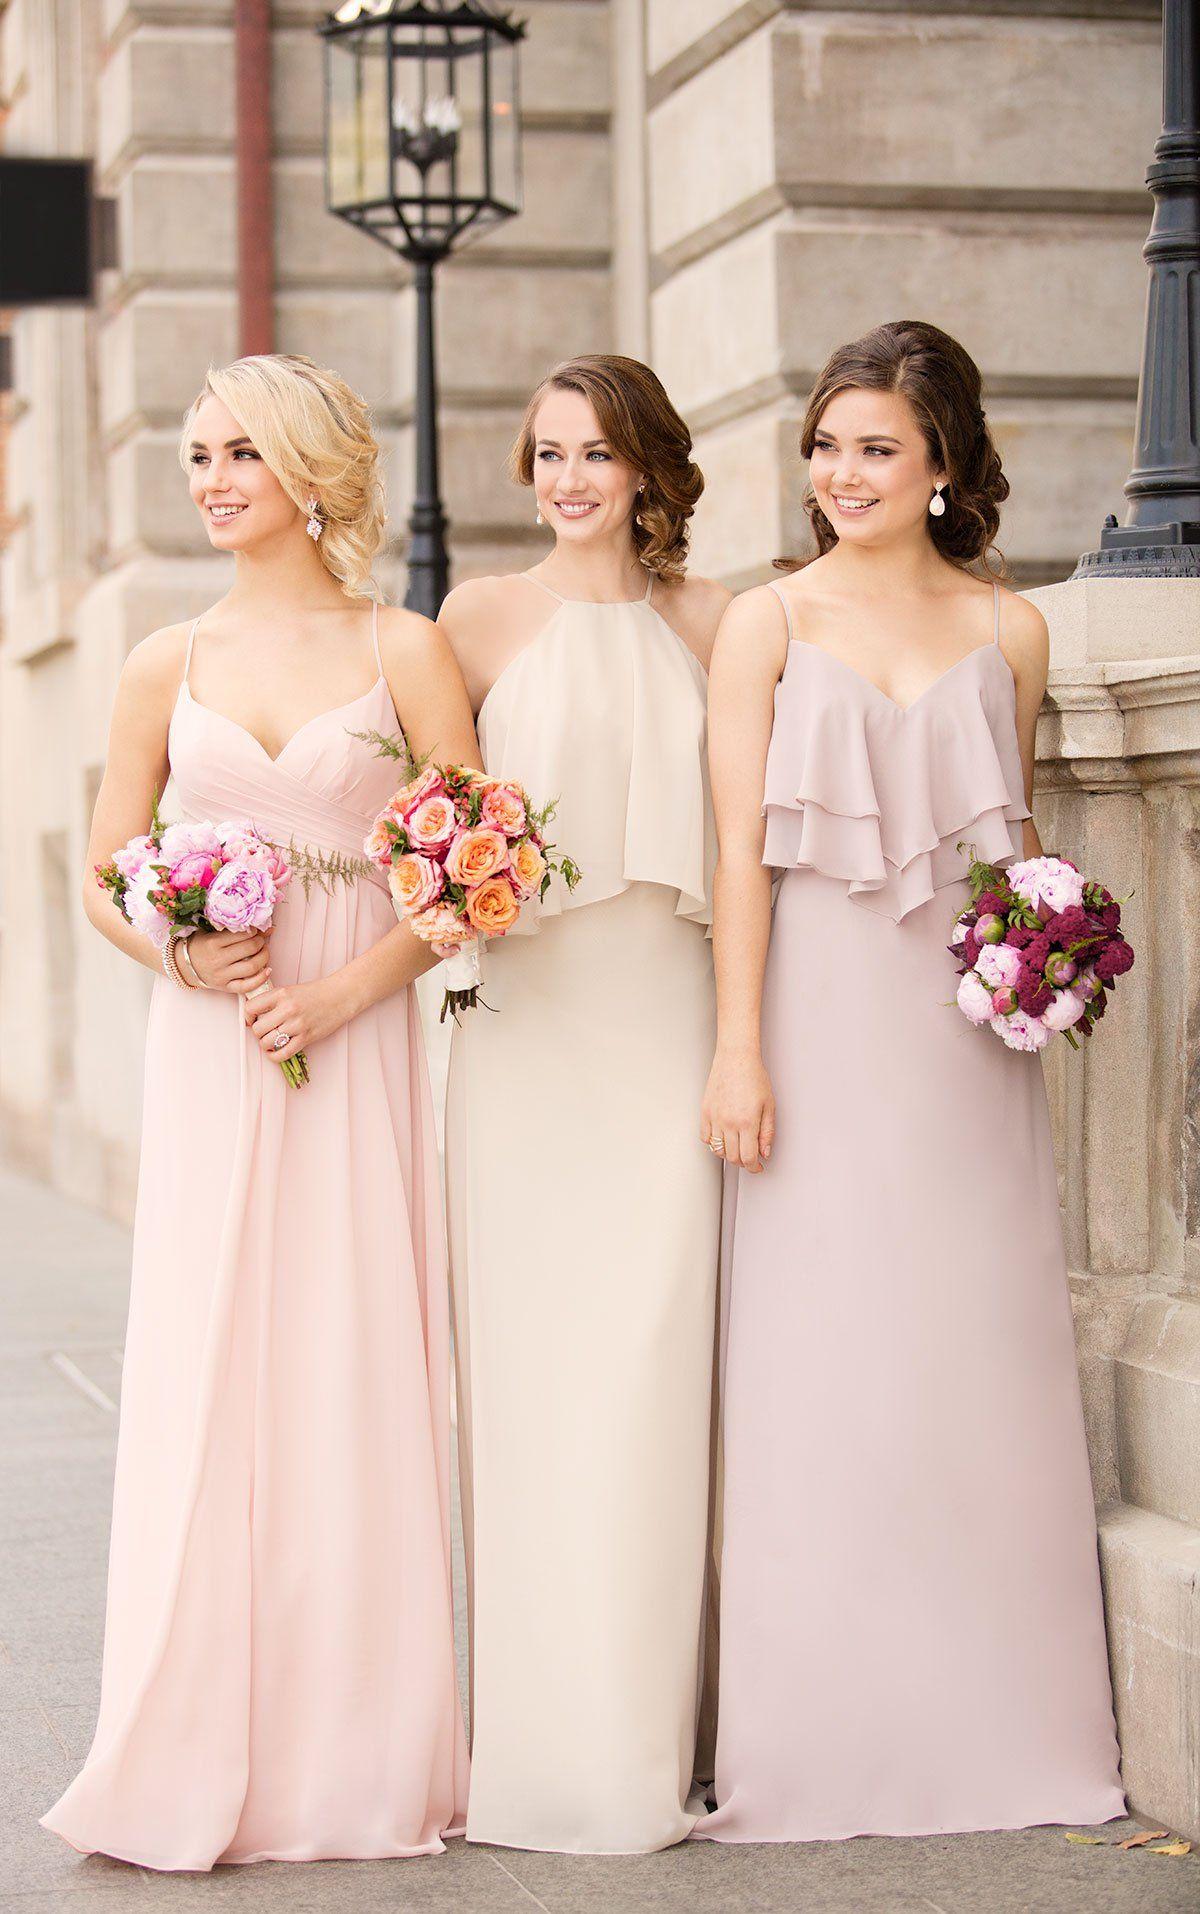 Chicas vestidas o damas de honor en color beige